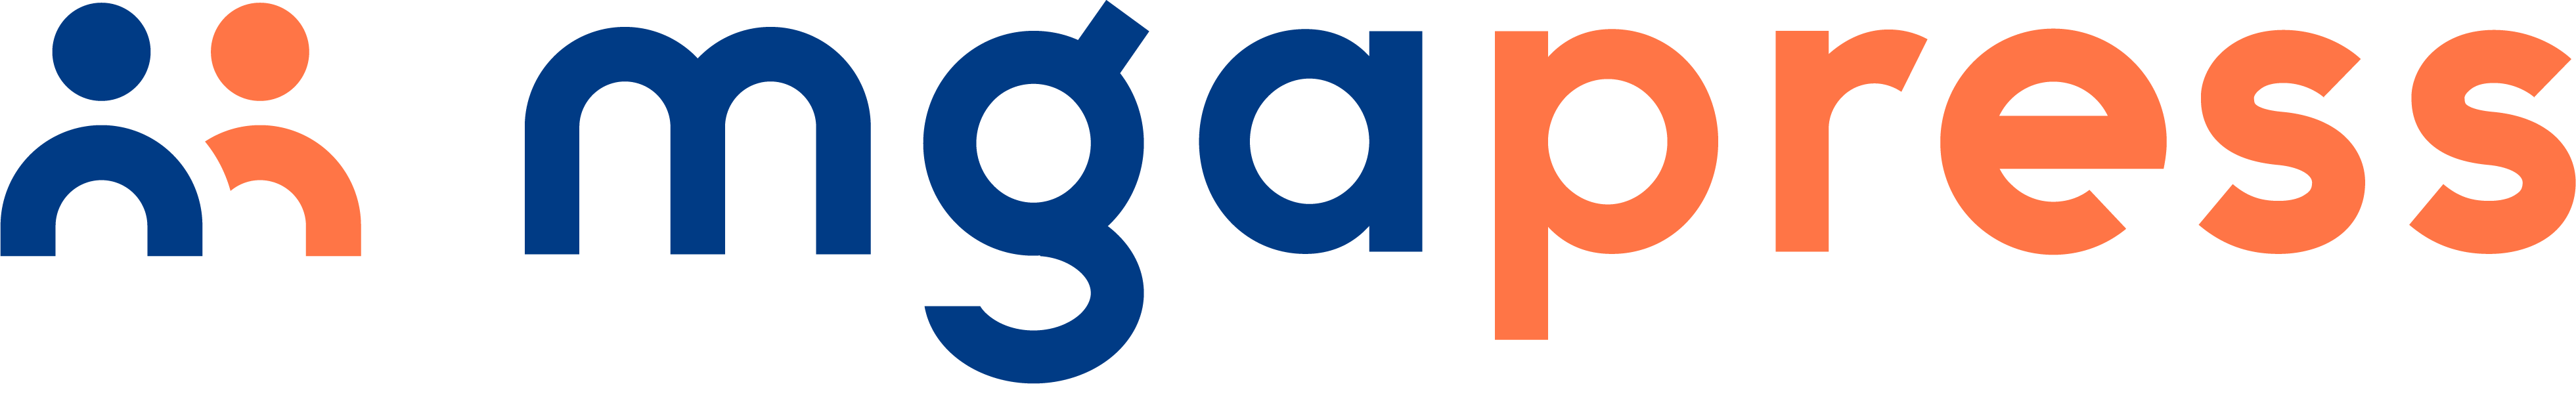 MGA Blog